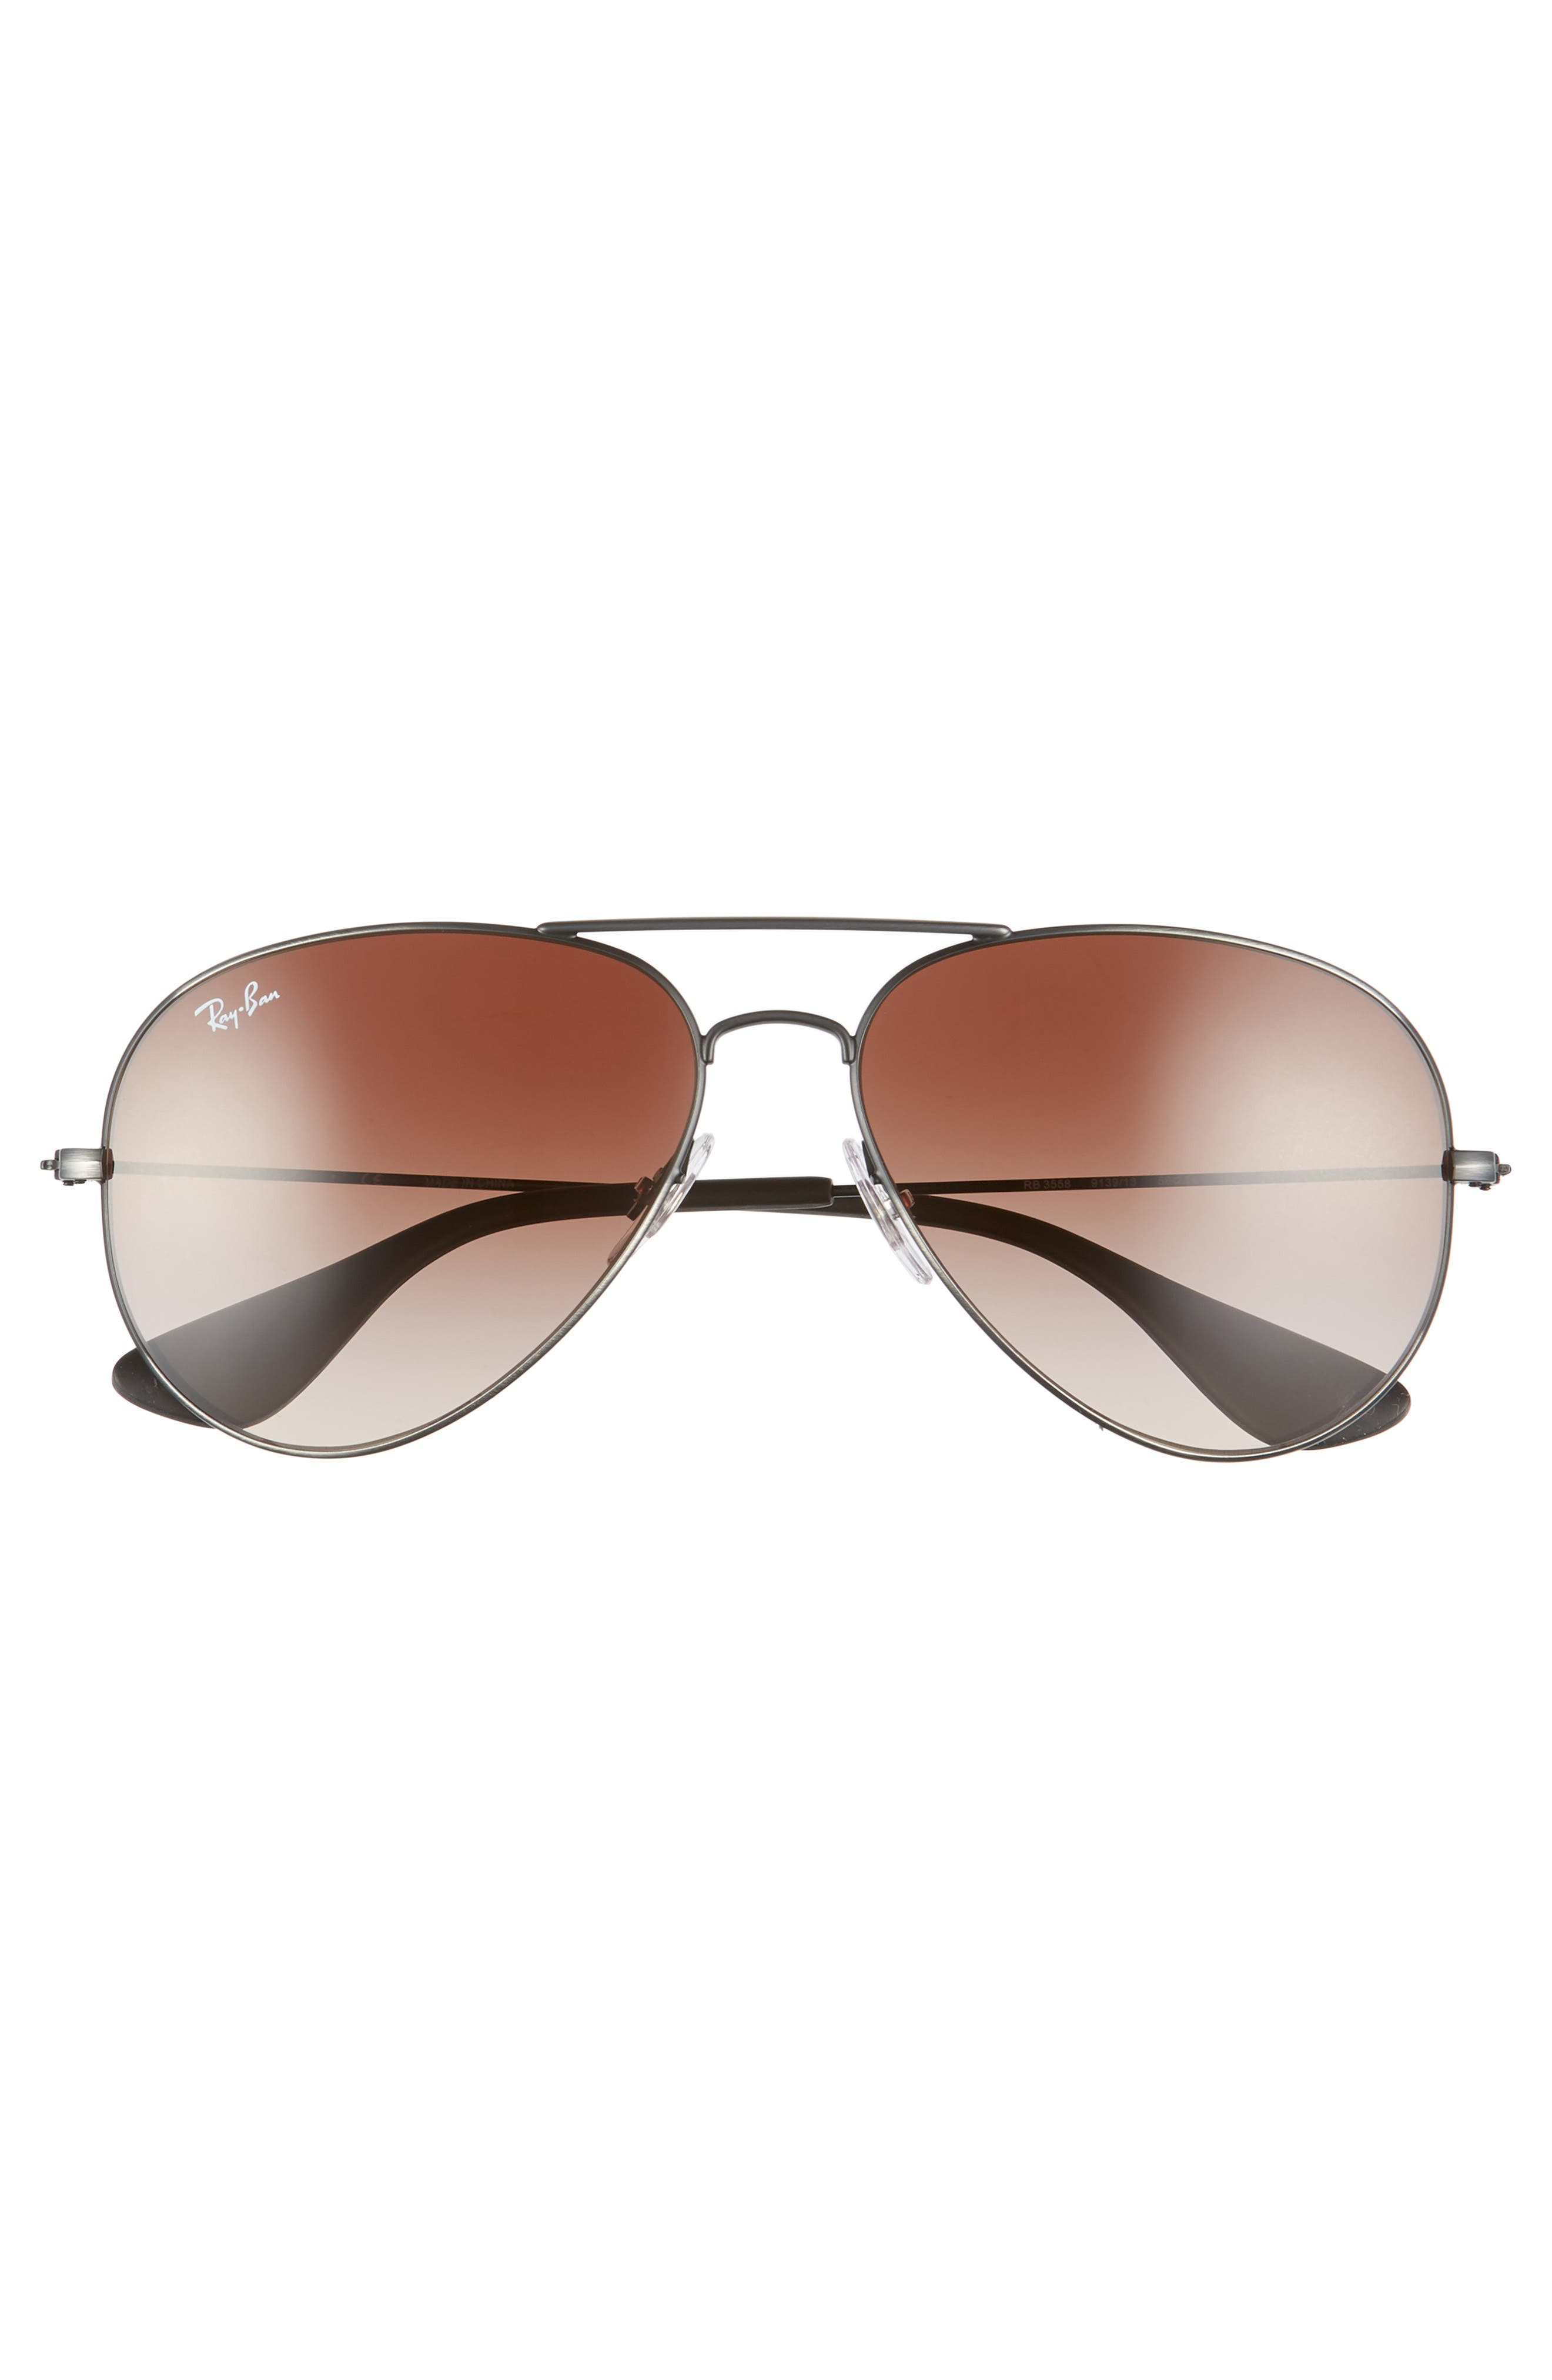 Pilot 58mm Gradient Sunglasses,                             Alternate thumbnail 2, color,                             MATTE BLACK